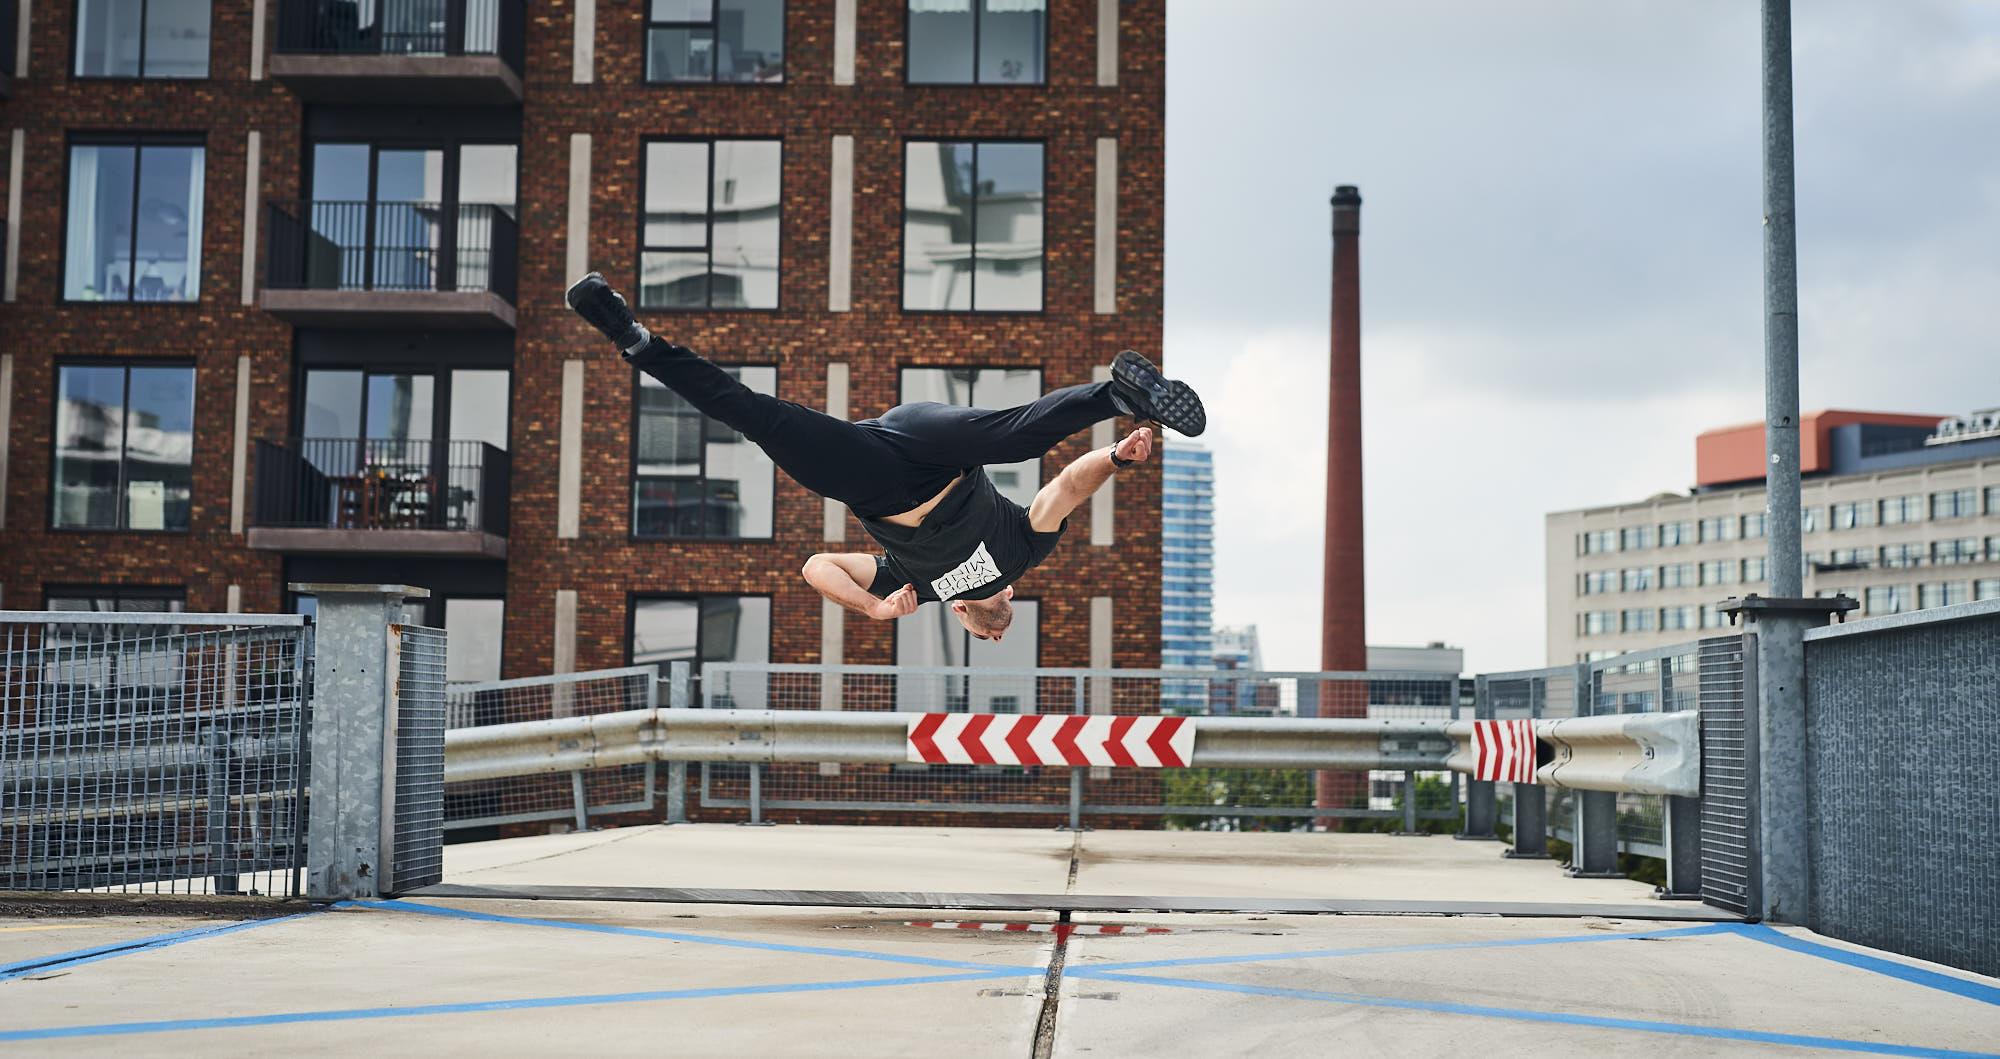 Kelian Cieslak performing a trick on Strijp-S in Eindhoven